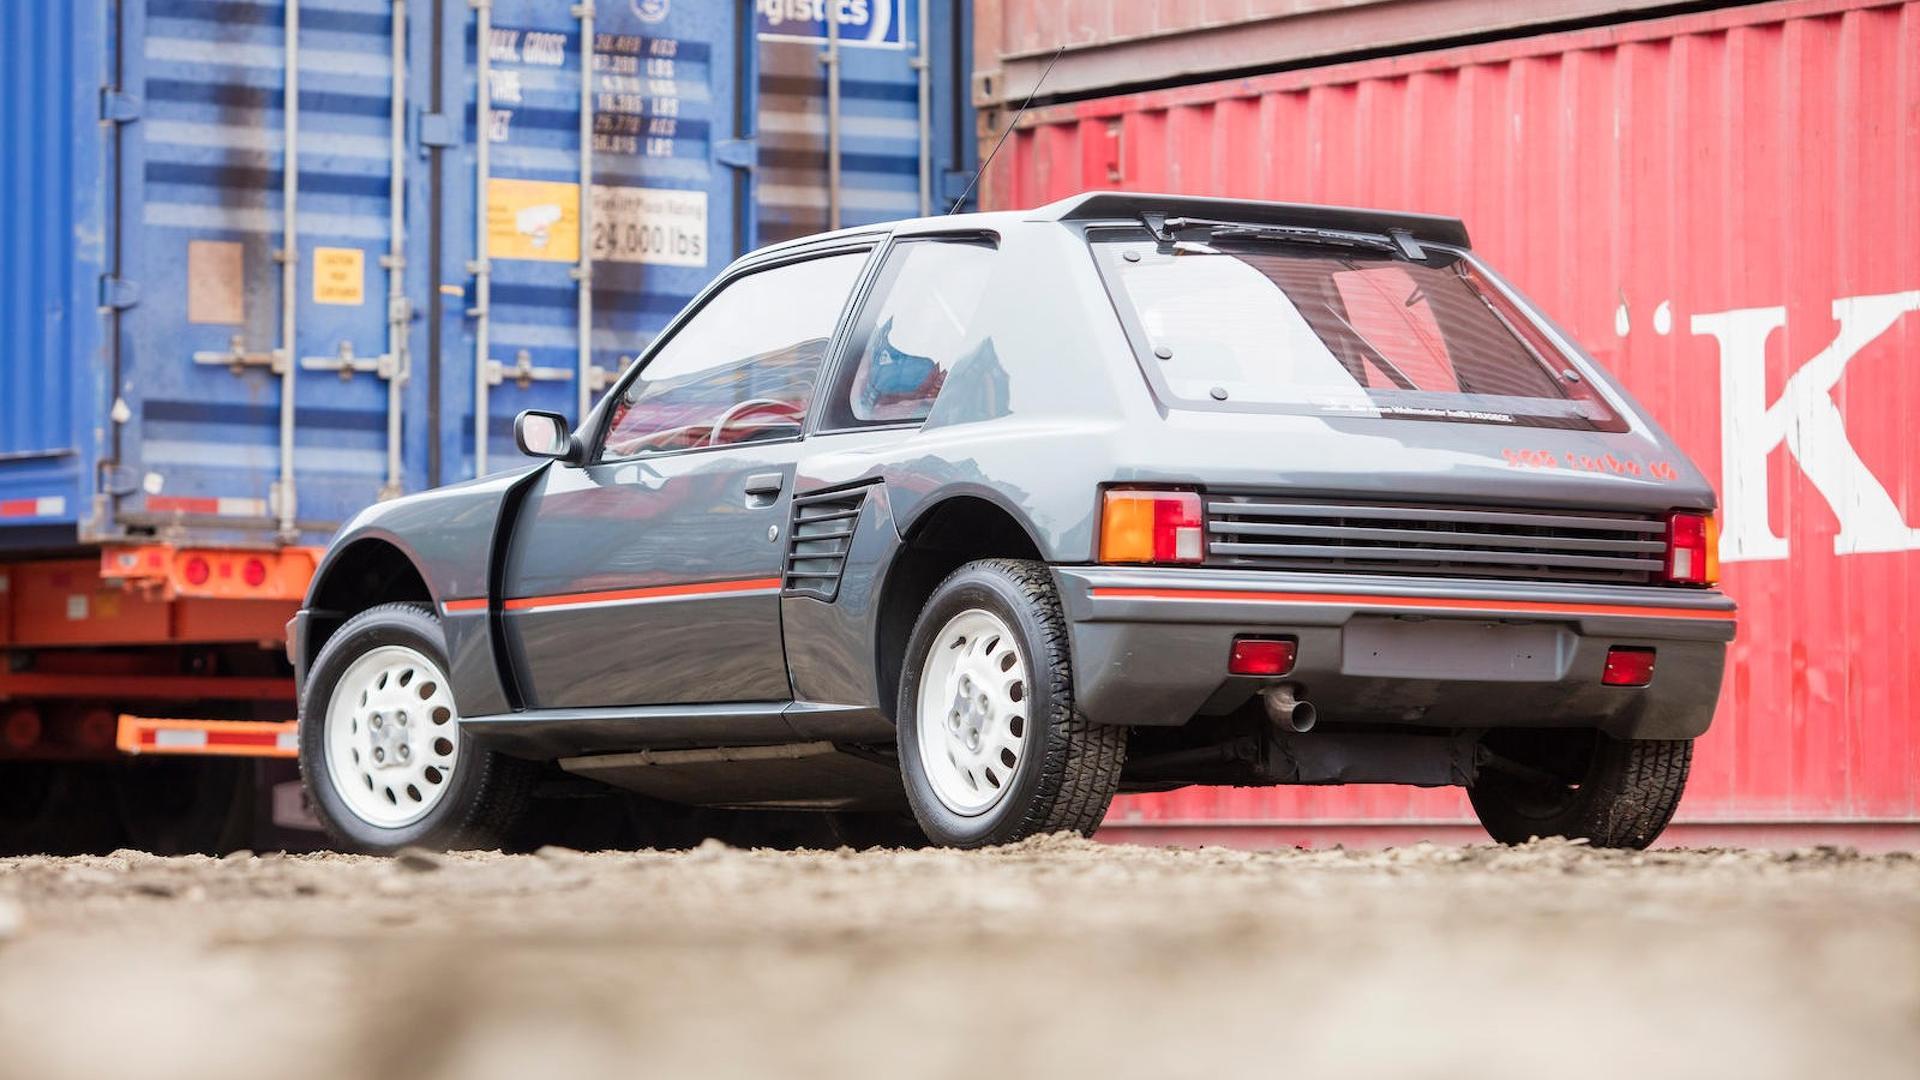 1985_Peugeot_205_Turbo_16_13